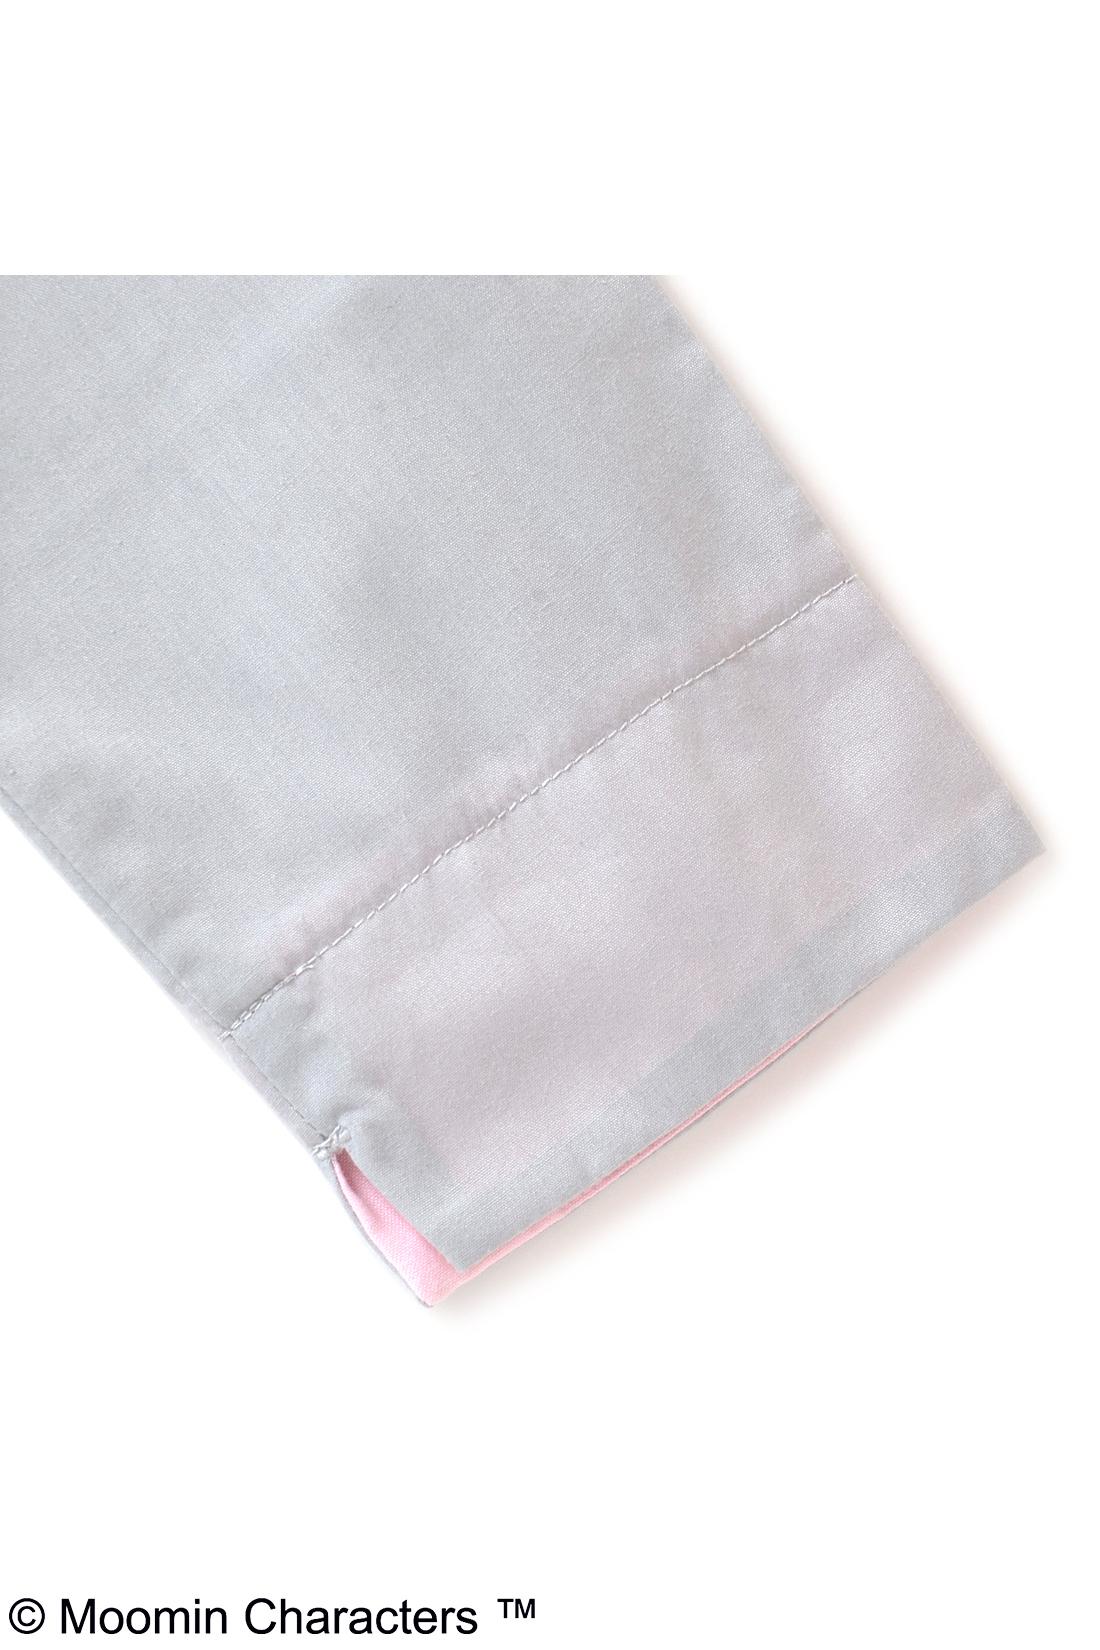 袖は、折り返しても折り返さなくてもかわいいよ。